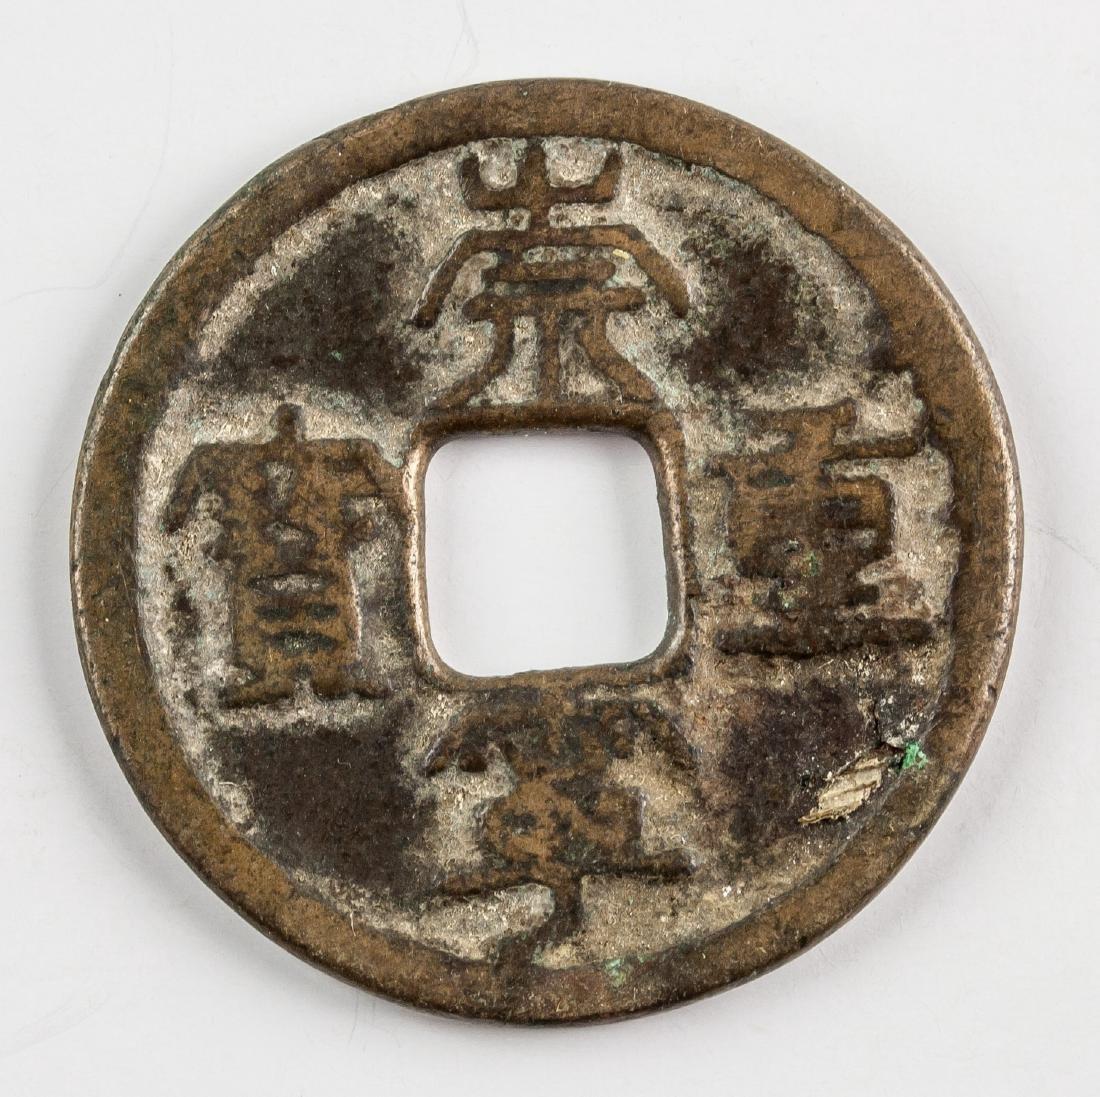 1102-06 China Song Chongning 5 Cash Hartill-16.406